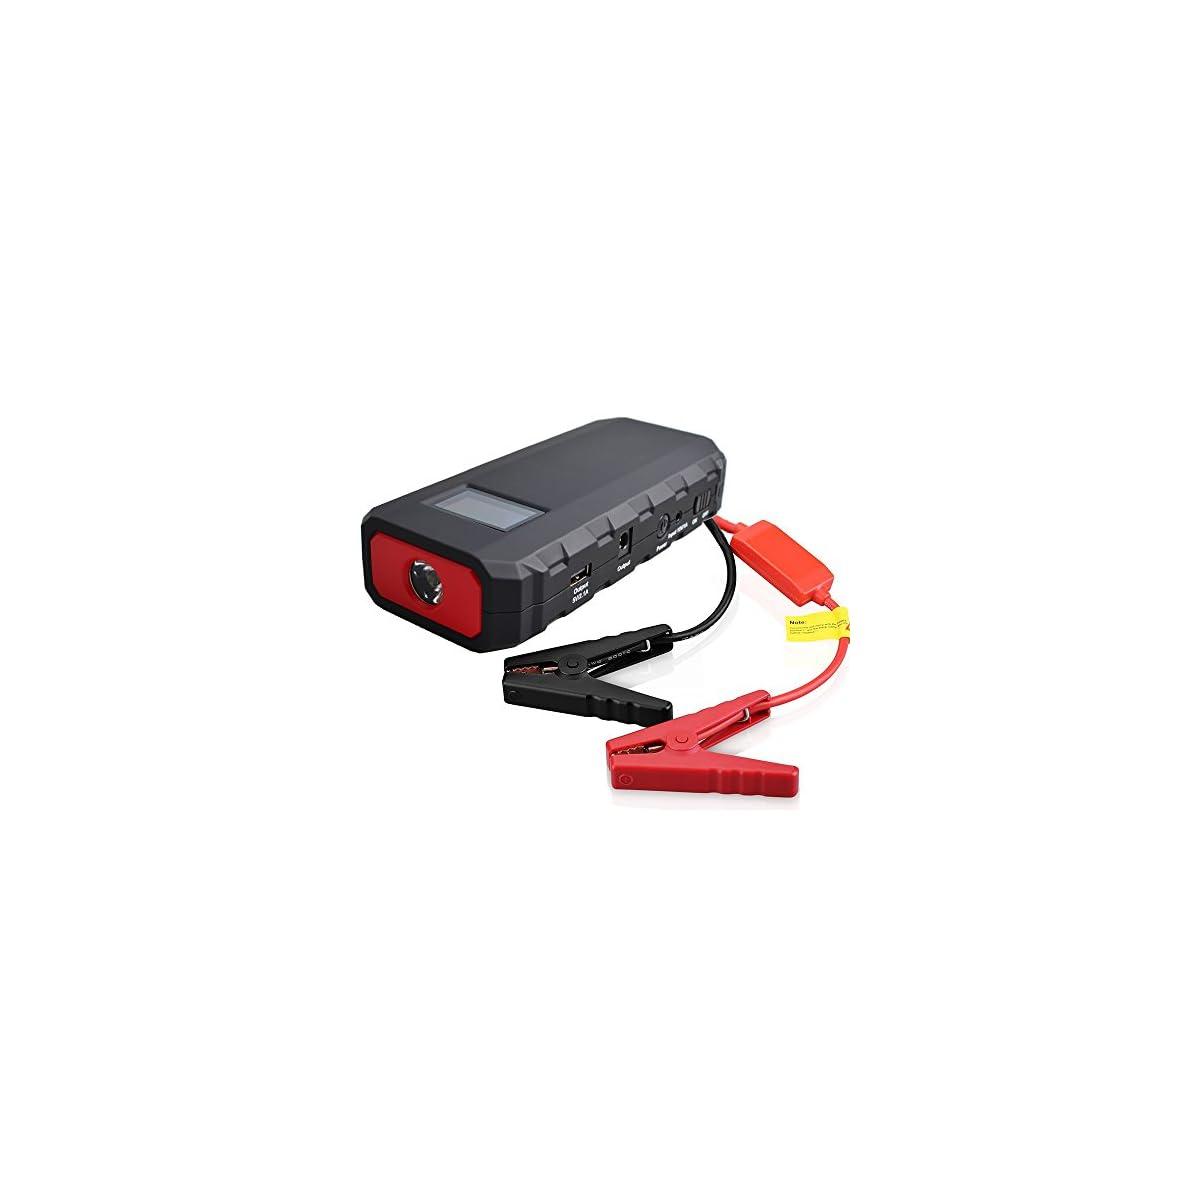 51AaWQnI%2BLL. SS1200  - Maxesla Jump Starter Batería Portátil de Emergencia para coche, Arrancador de Coche 14000mAh, 400A Jump Starter Cargador de 12V Batería Para Vehículo (Batería Externa, LED, Pantalla LCD,Arranque Kit Para Coche)